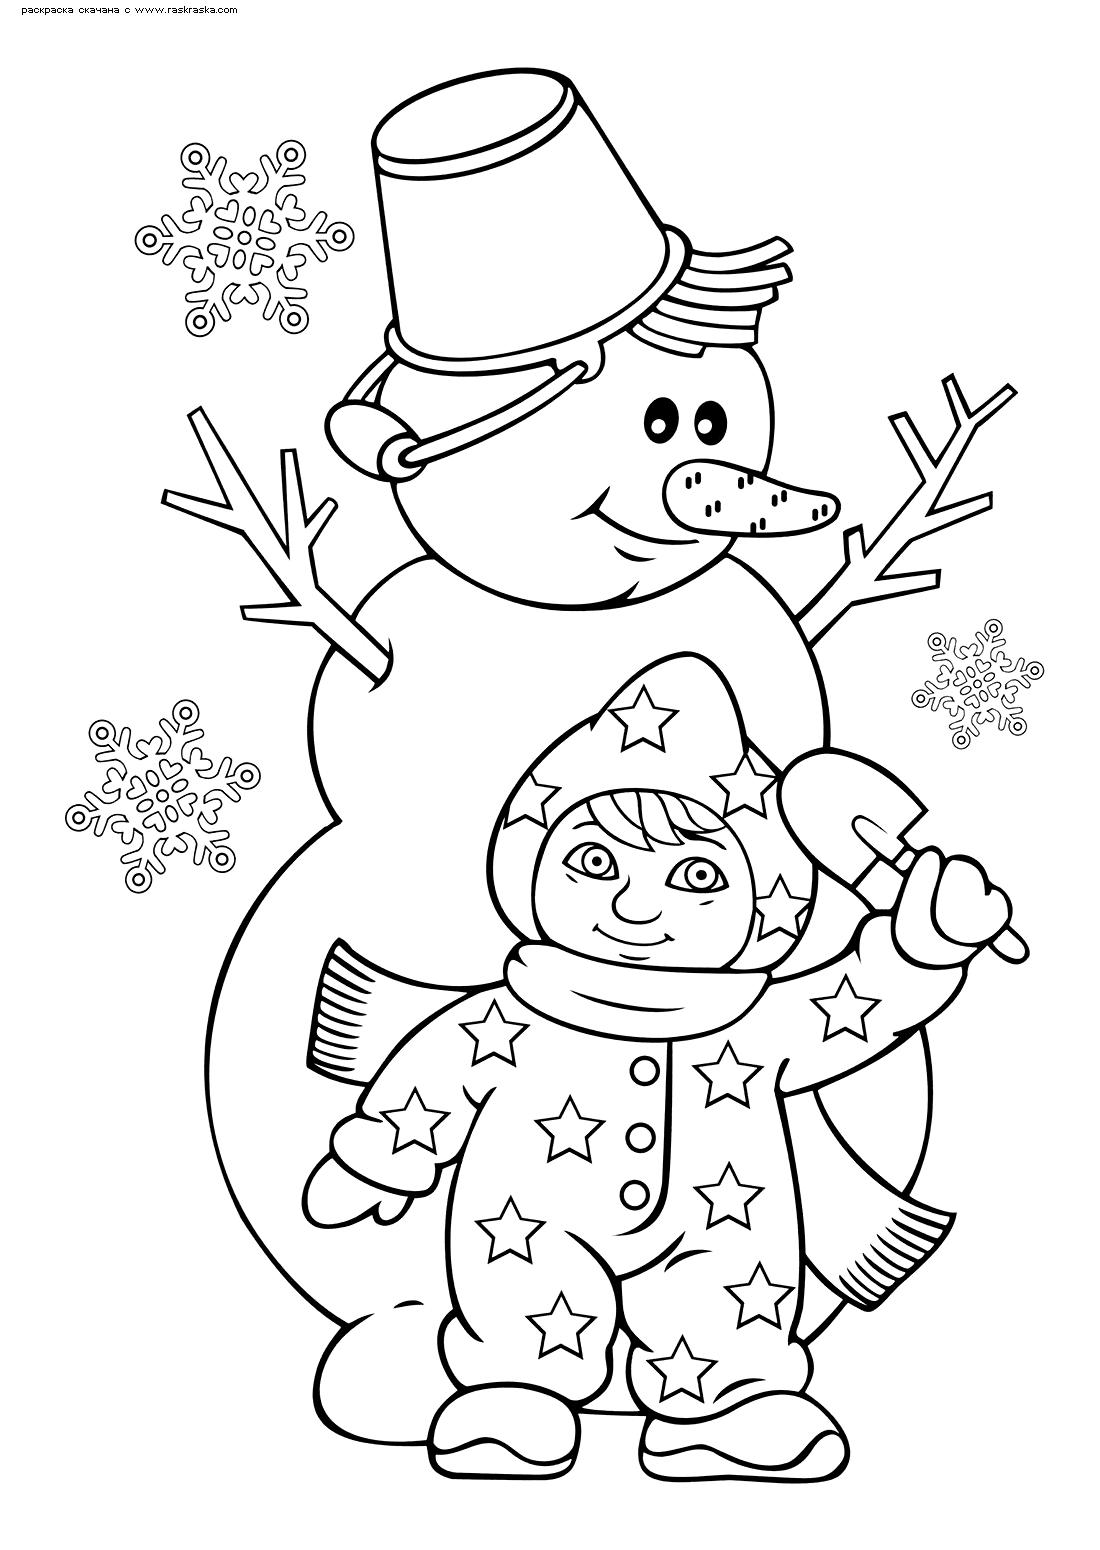 Раскраска Малыш лепит Снеговика. Раскраска снеговик